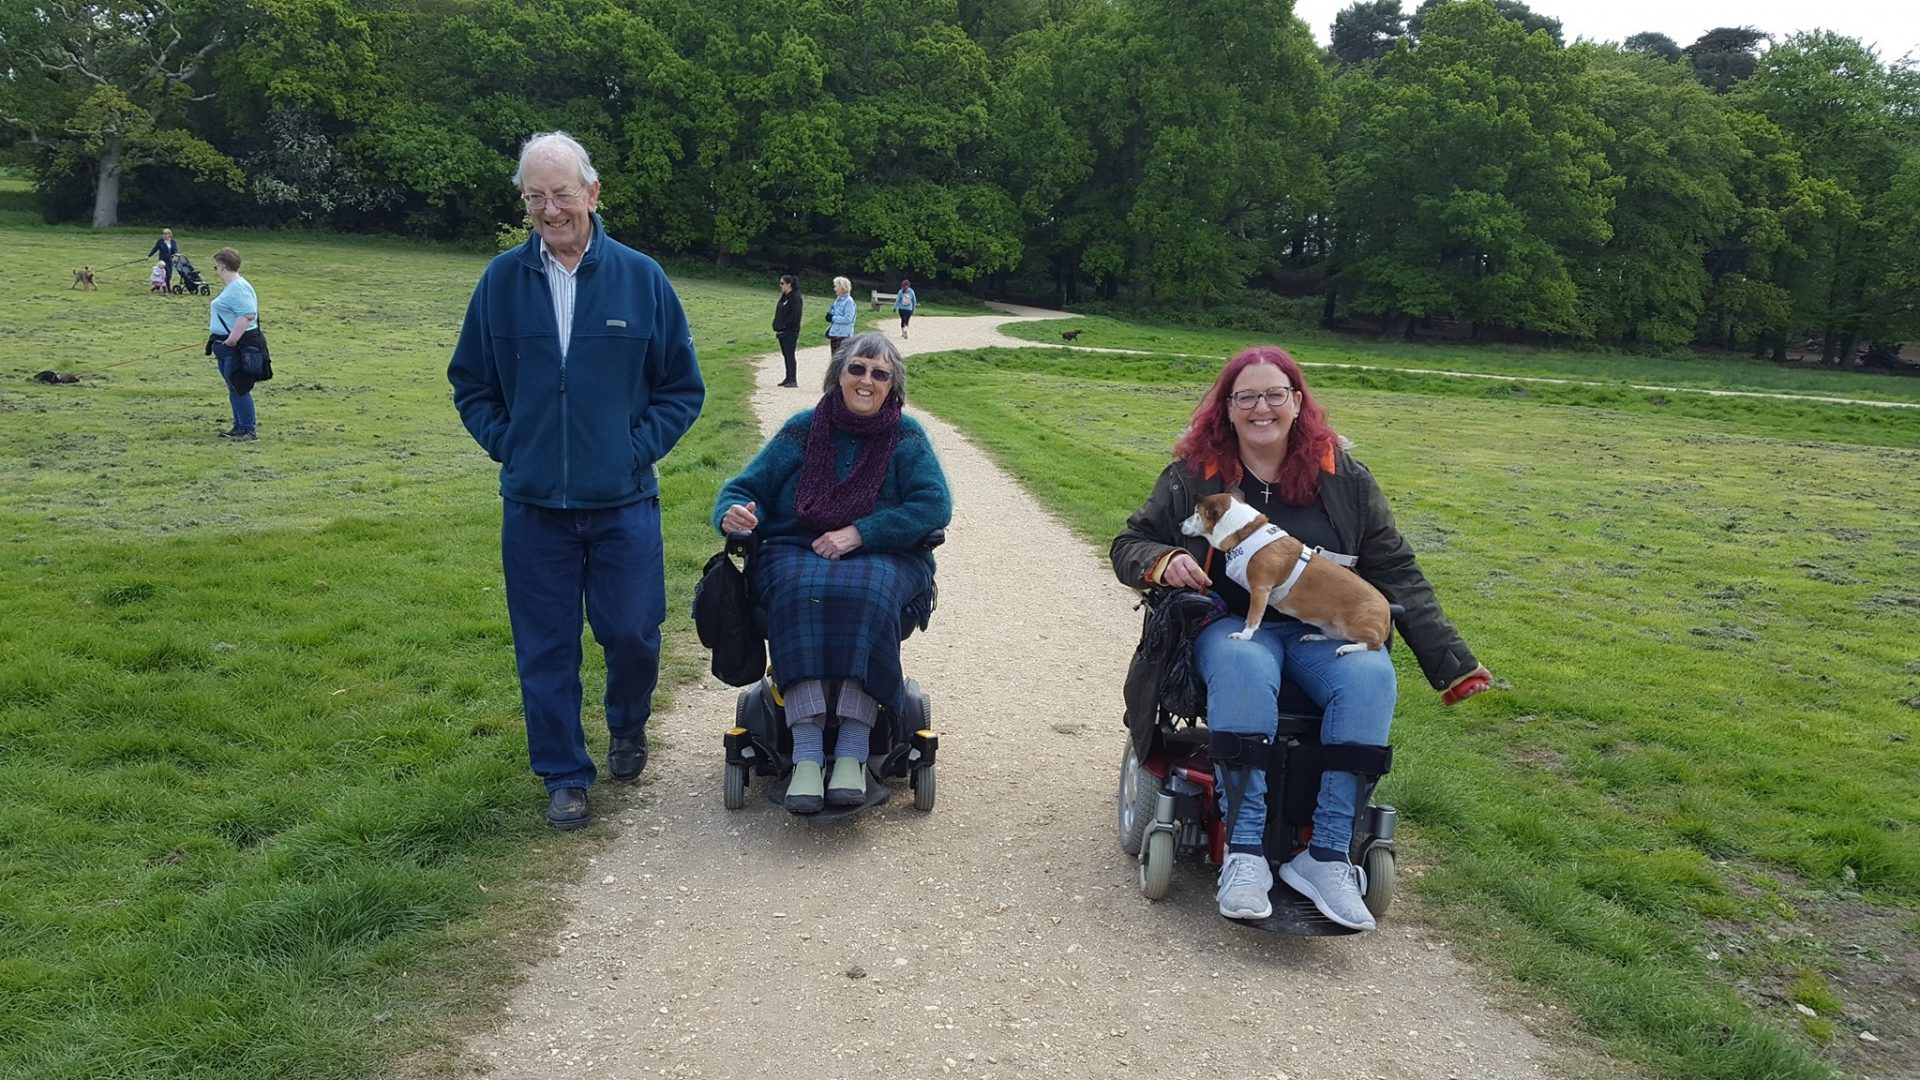 Linda & Tony at Upton Country Park